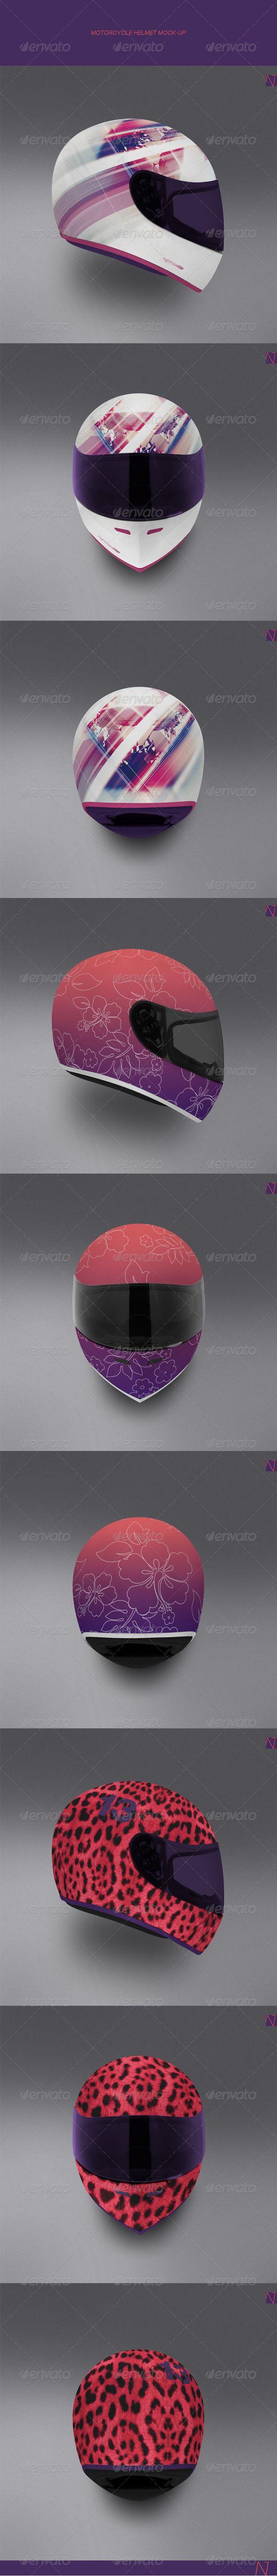 Motorcycle Helmet Mock-up accessories, bike, biker, branding, car, company, customize, cycle, equipment, extreme, goods, helmet, identity, mock up, mock-up, mockup, motorbike, motorcycle, motorcycles, motorcyclist, nightmarecatcher, race, racing, runner, scooter, sport, sporting, stunt, stunter, template, Motorcycle Helmet Mock-up